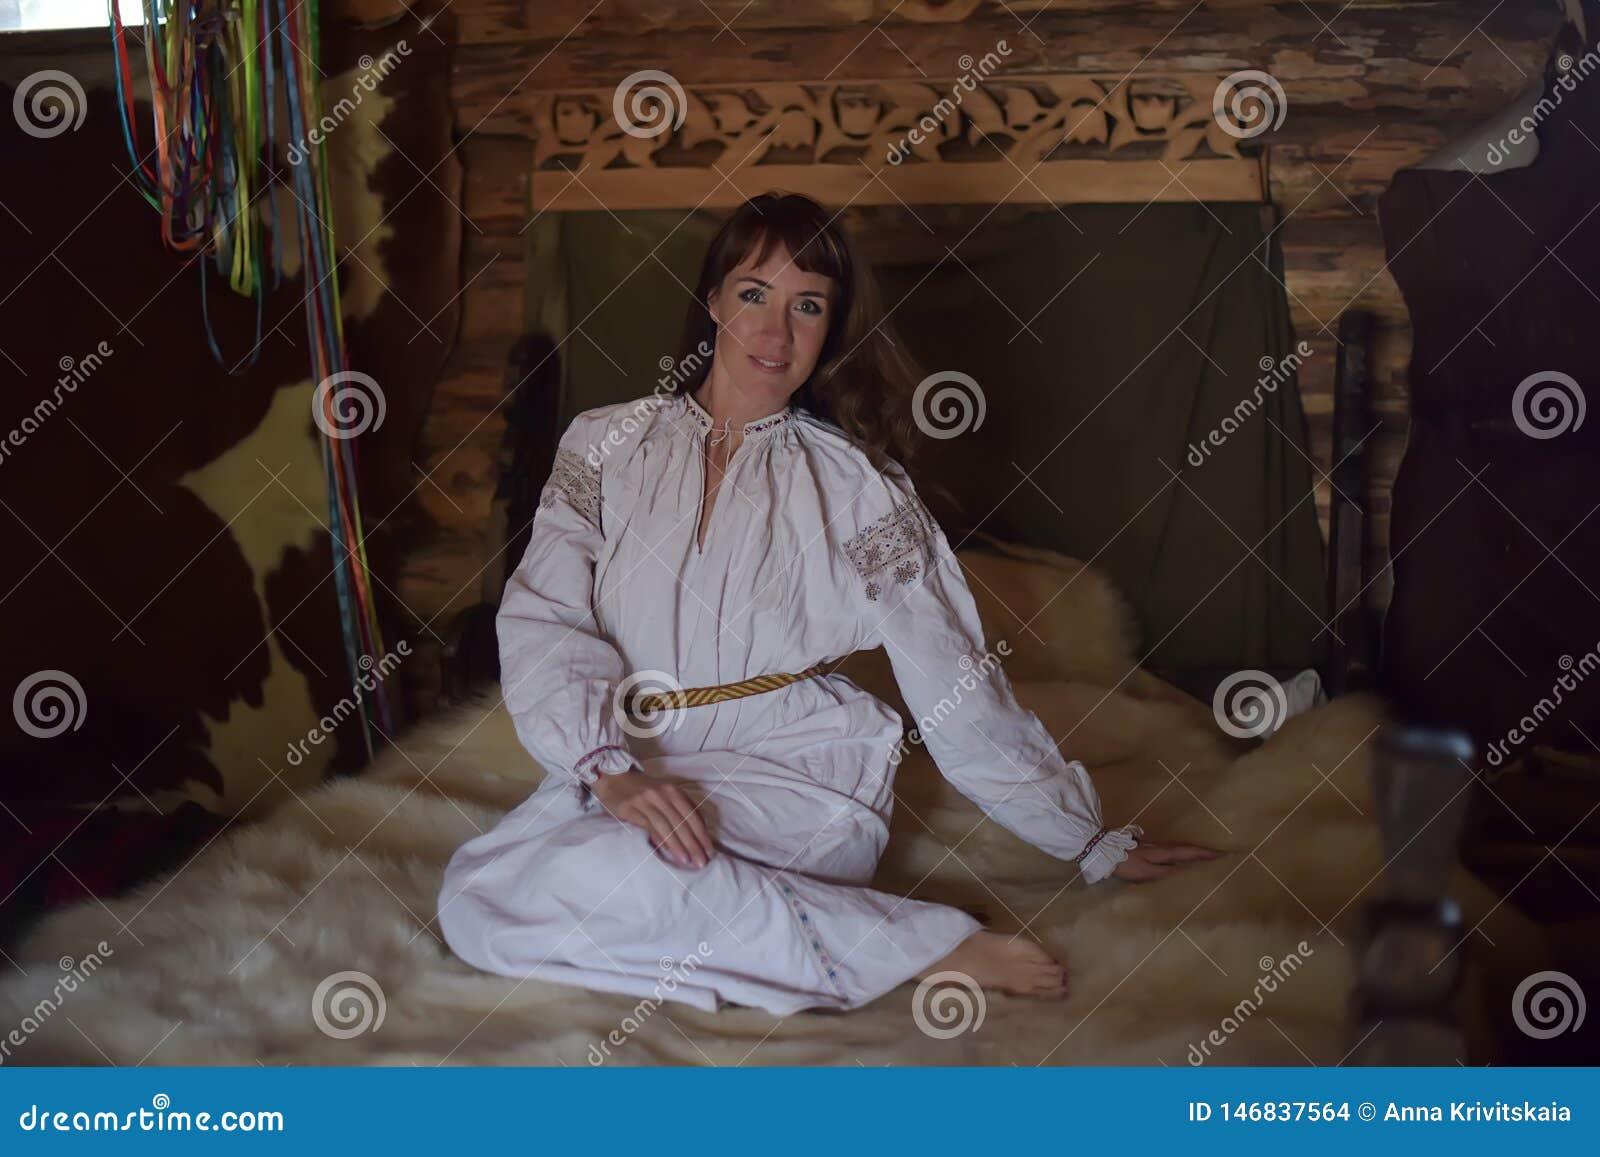 La morenita en la camisa pasada de moda de lino blanca con bordado se sienta en una cama medieval